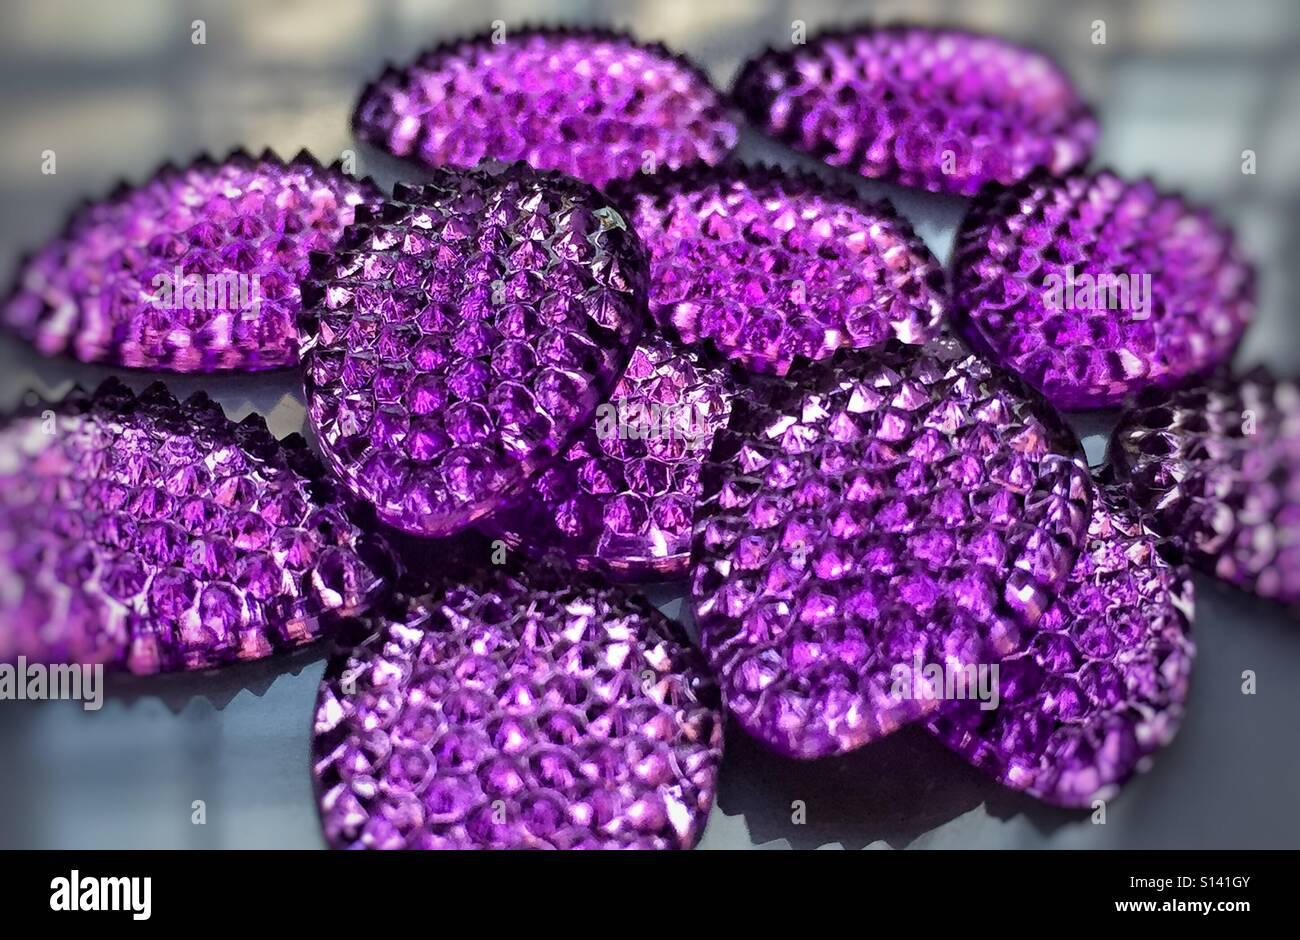 Purple jewel - Stock Image